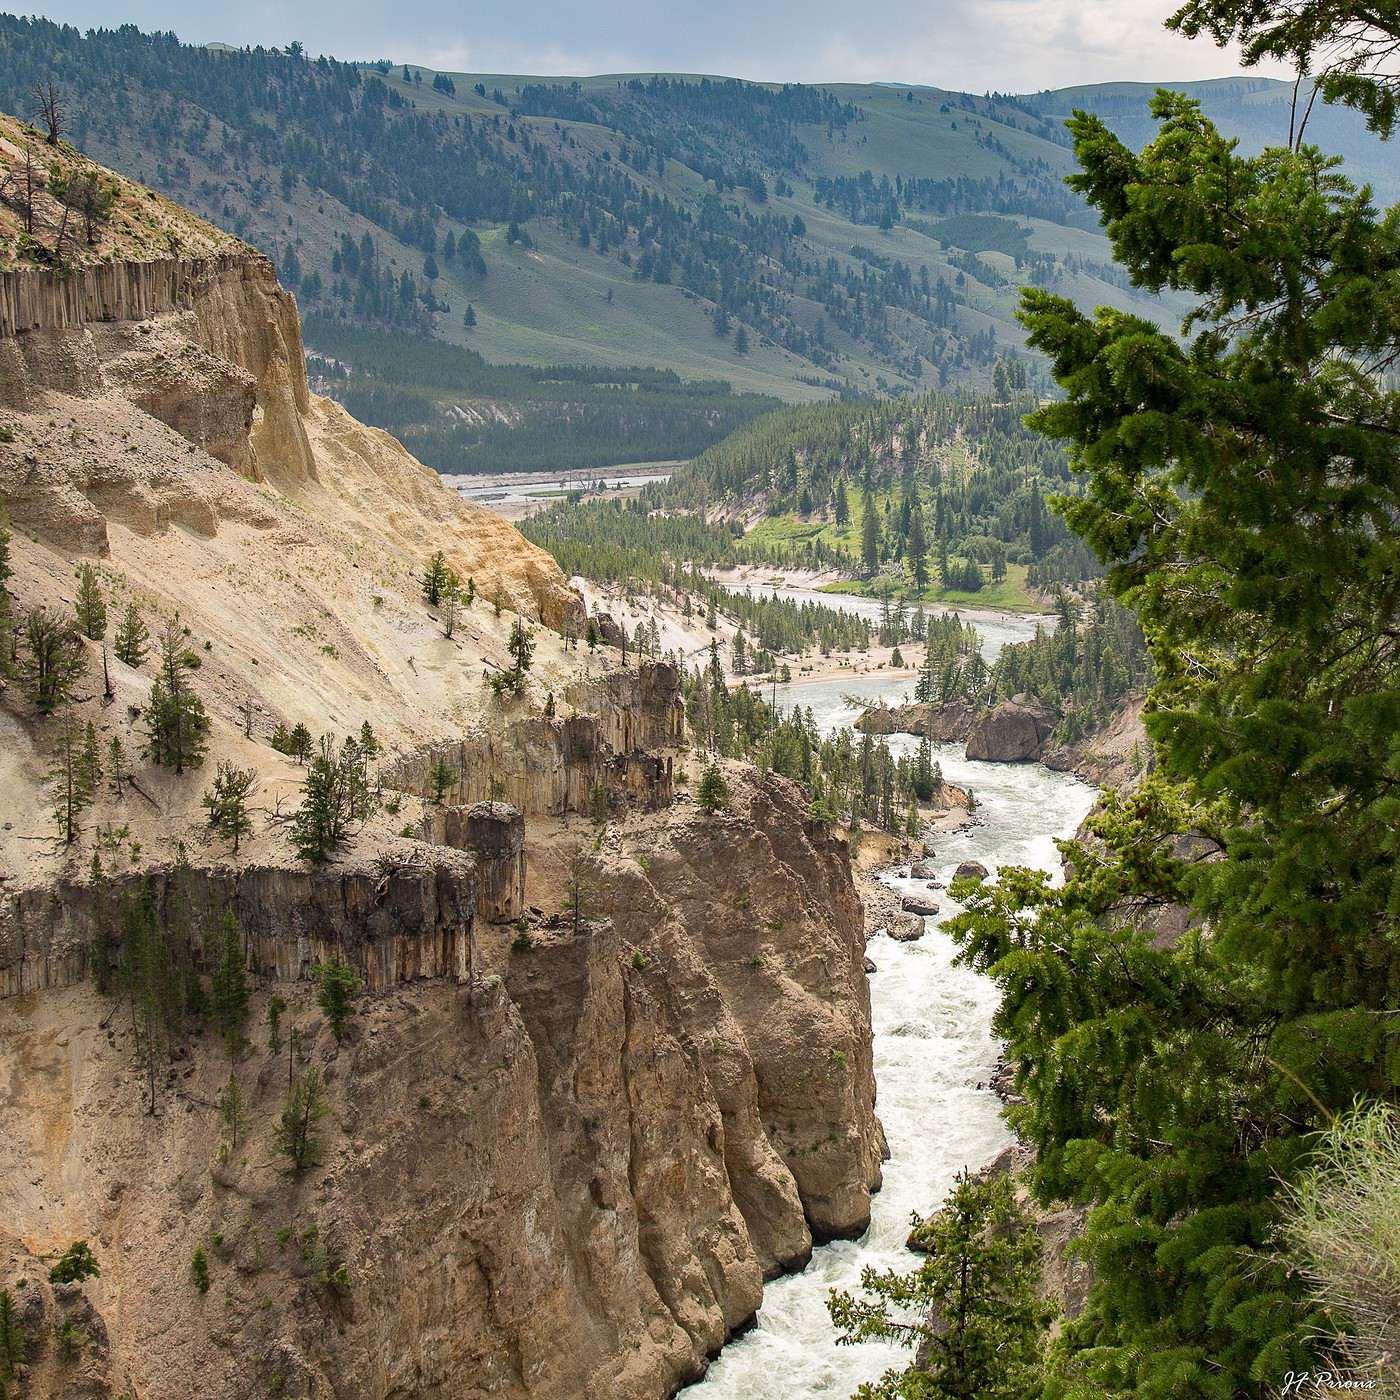 Parc national de Yellowstone Full branchement RV sites datant d'un Conseil chinois femme